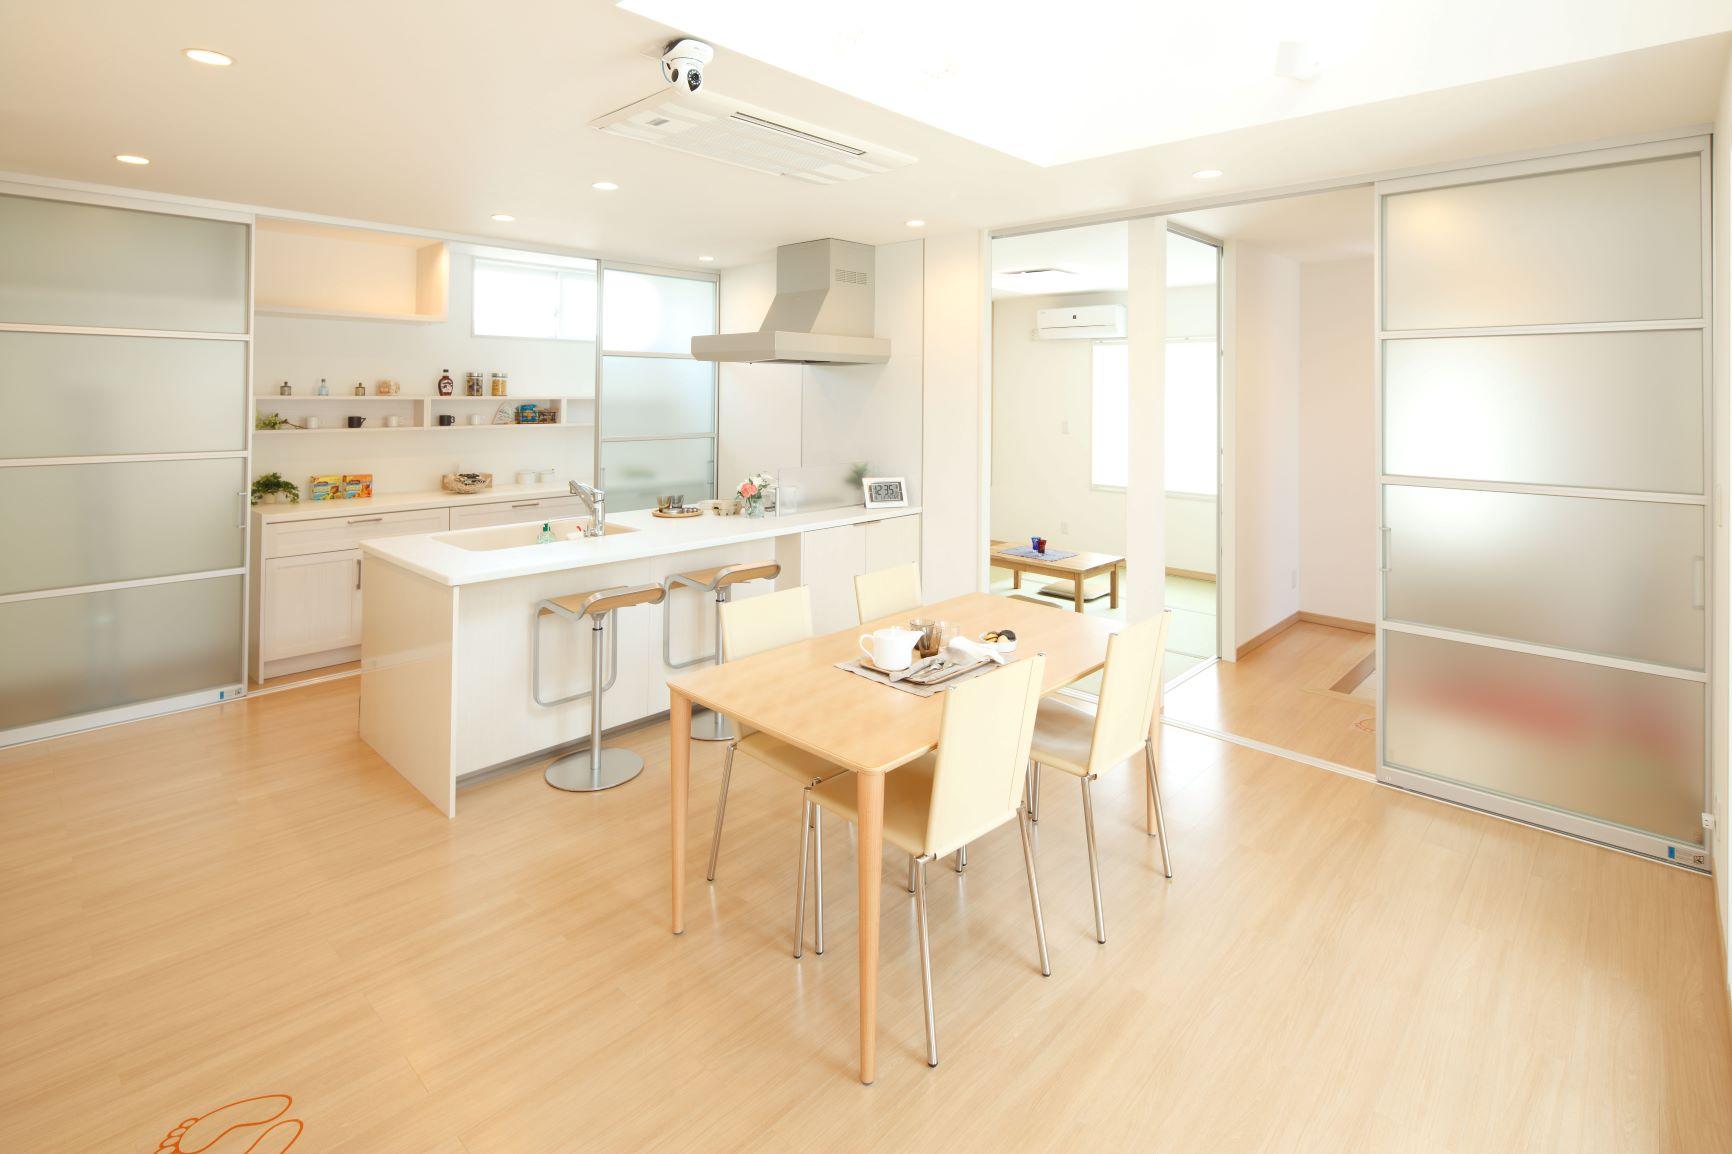 ユニバーサルホーム 浜松西店のイメージ